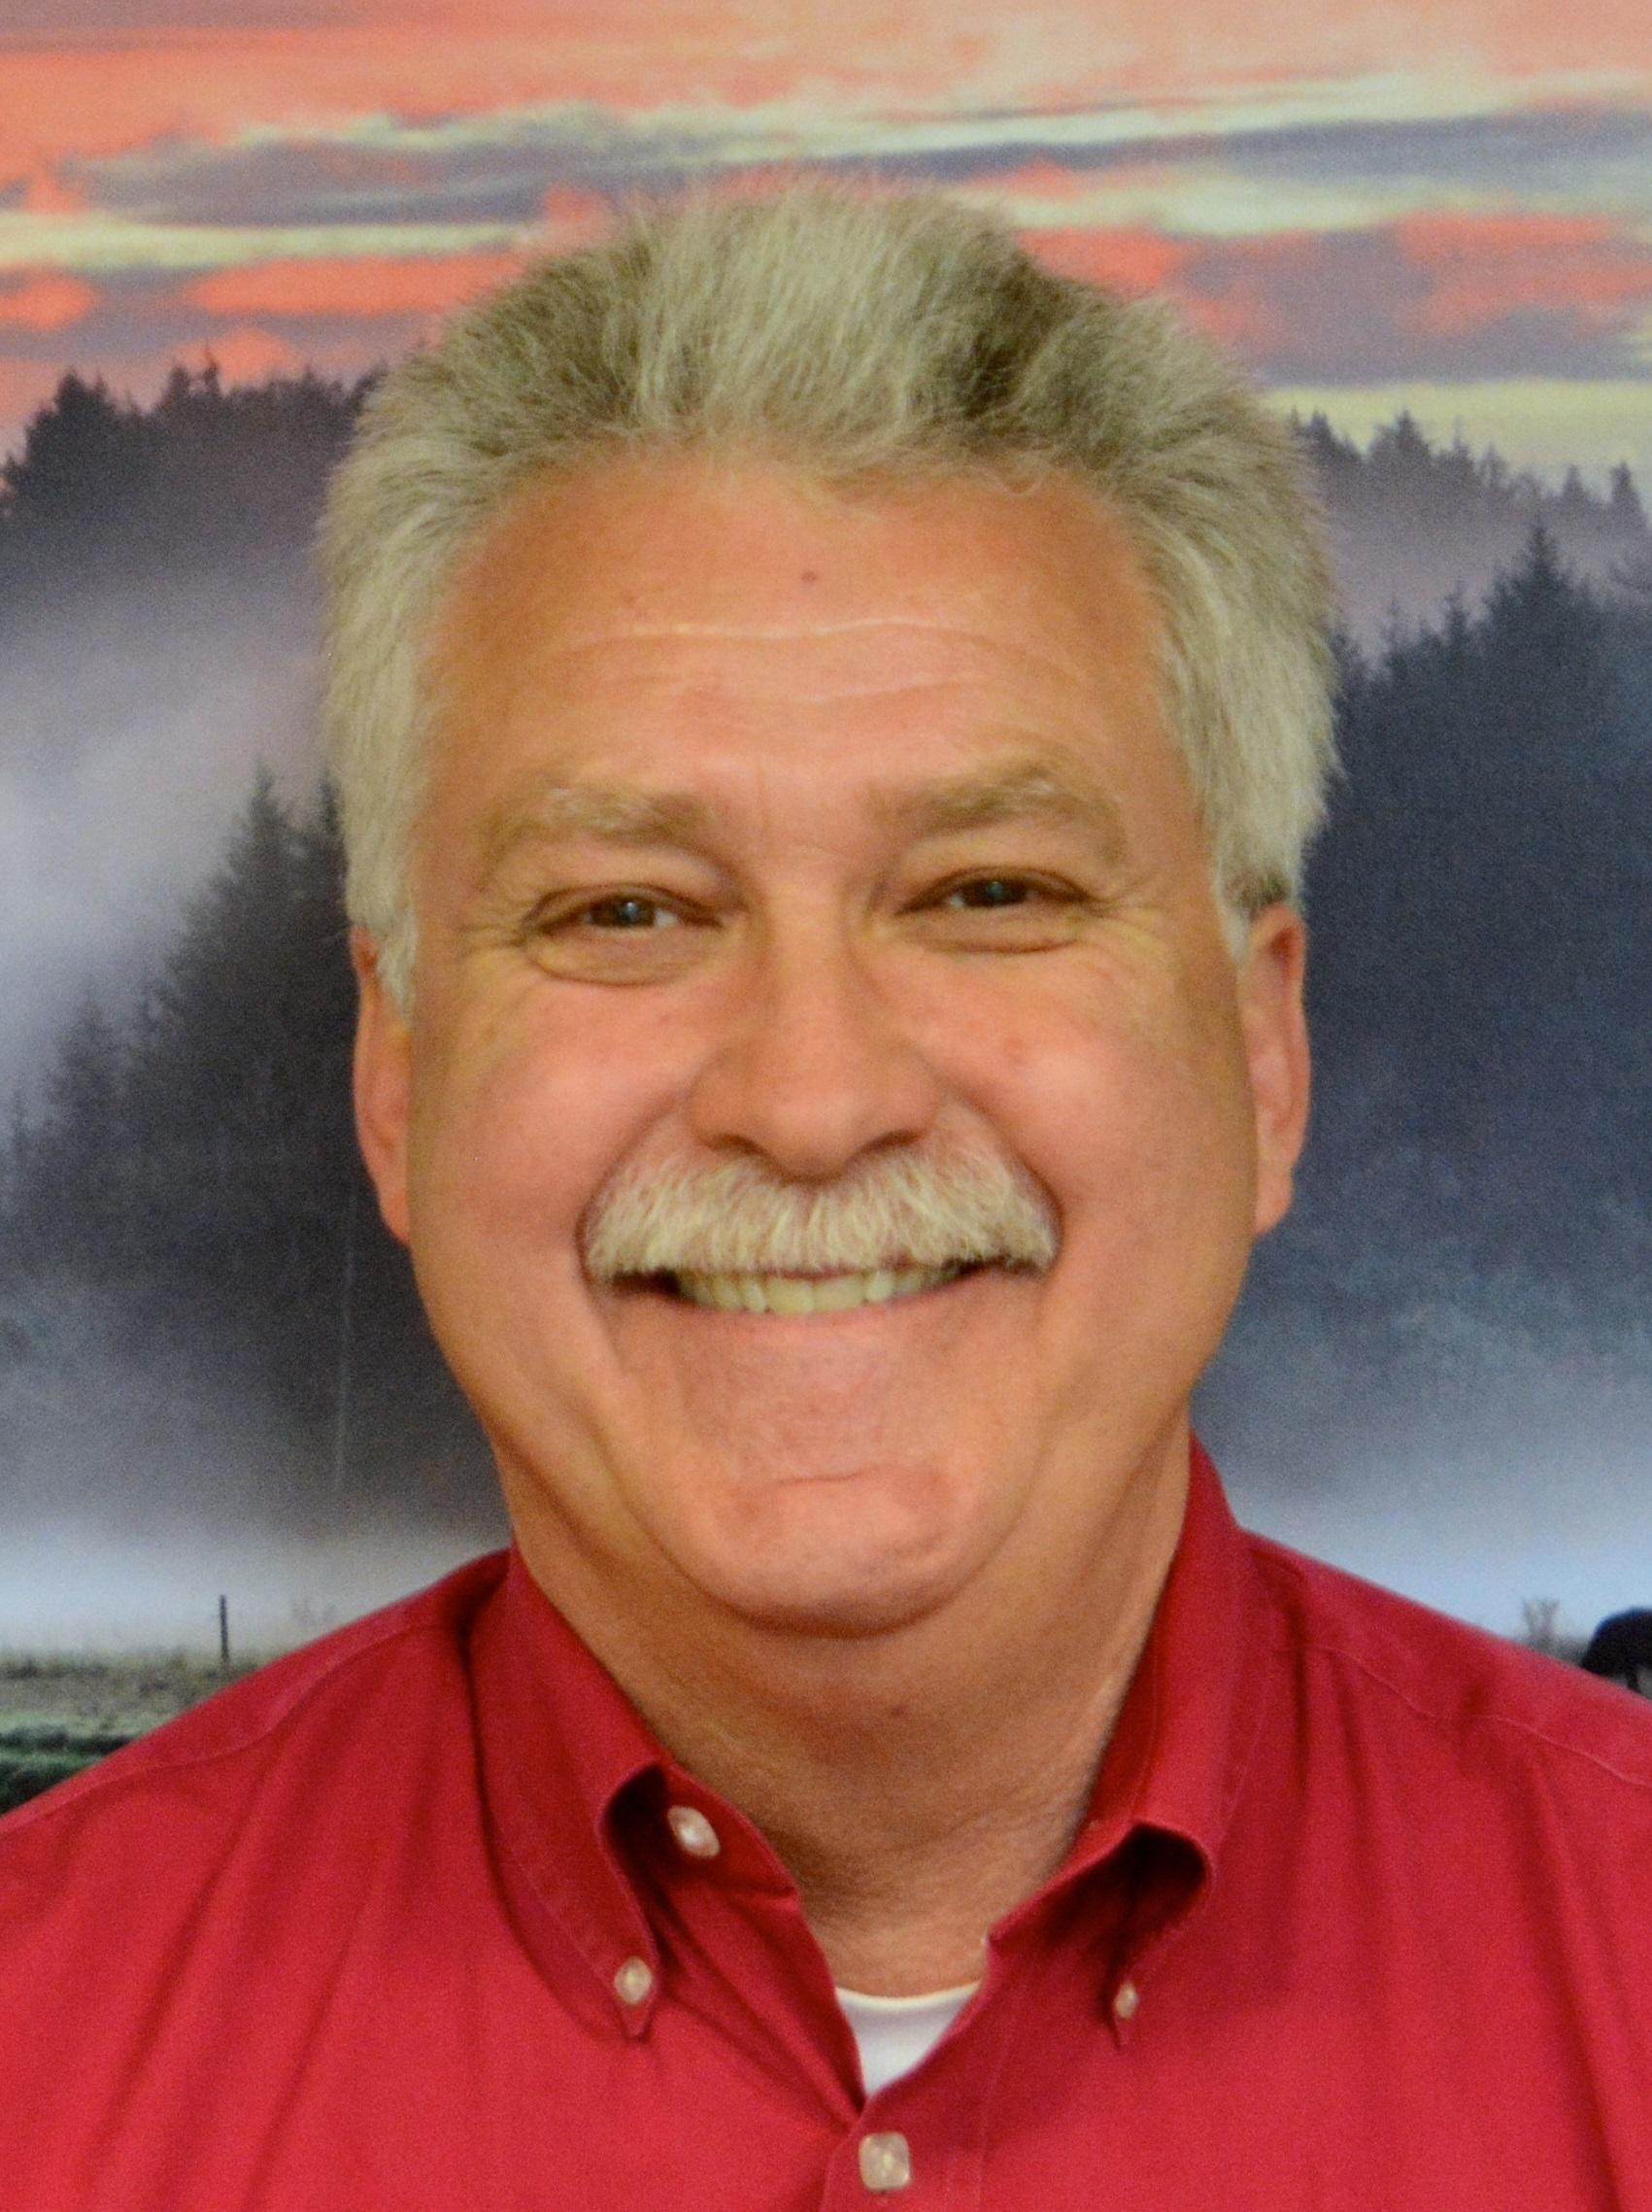 Larry Parker Real Estate Agent and Broker